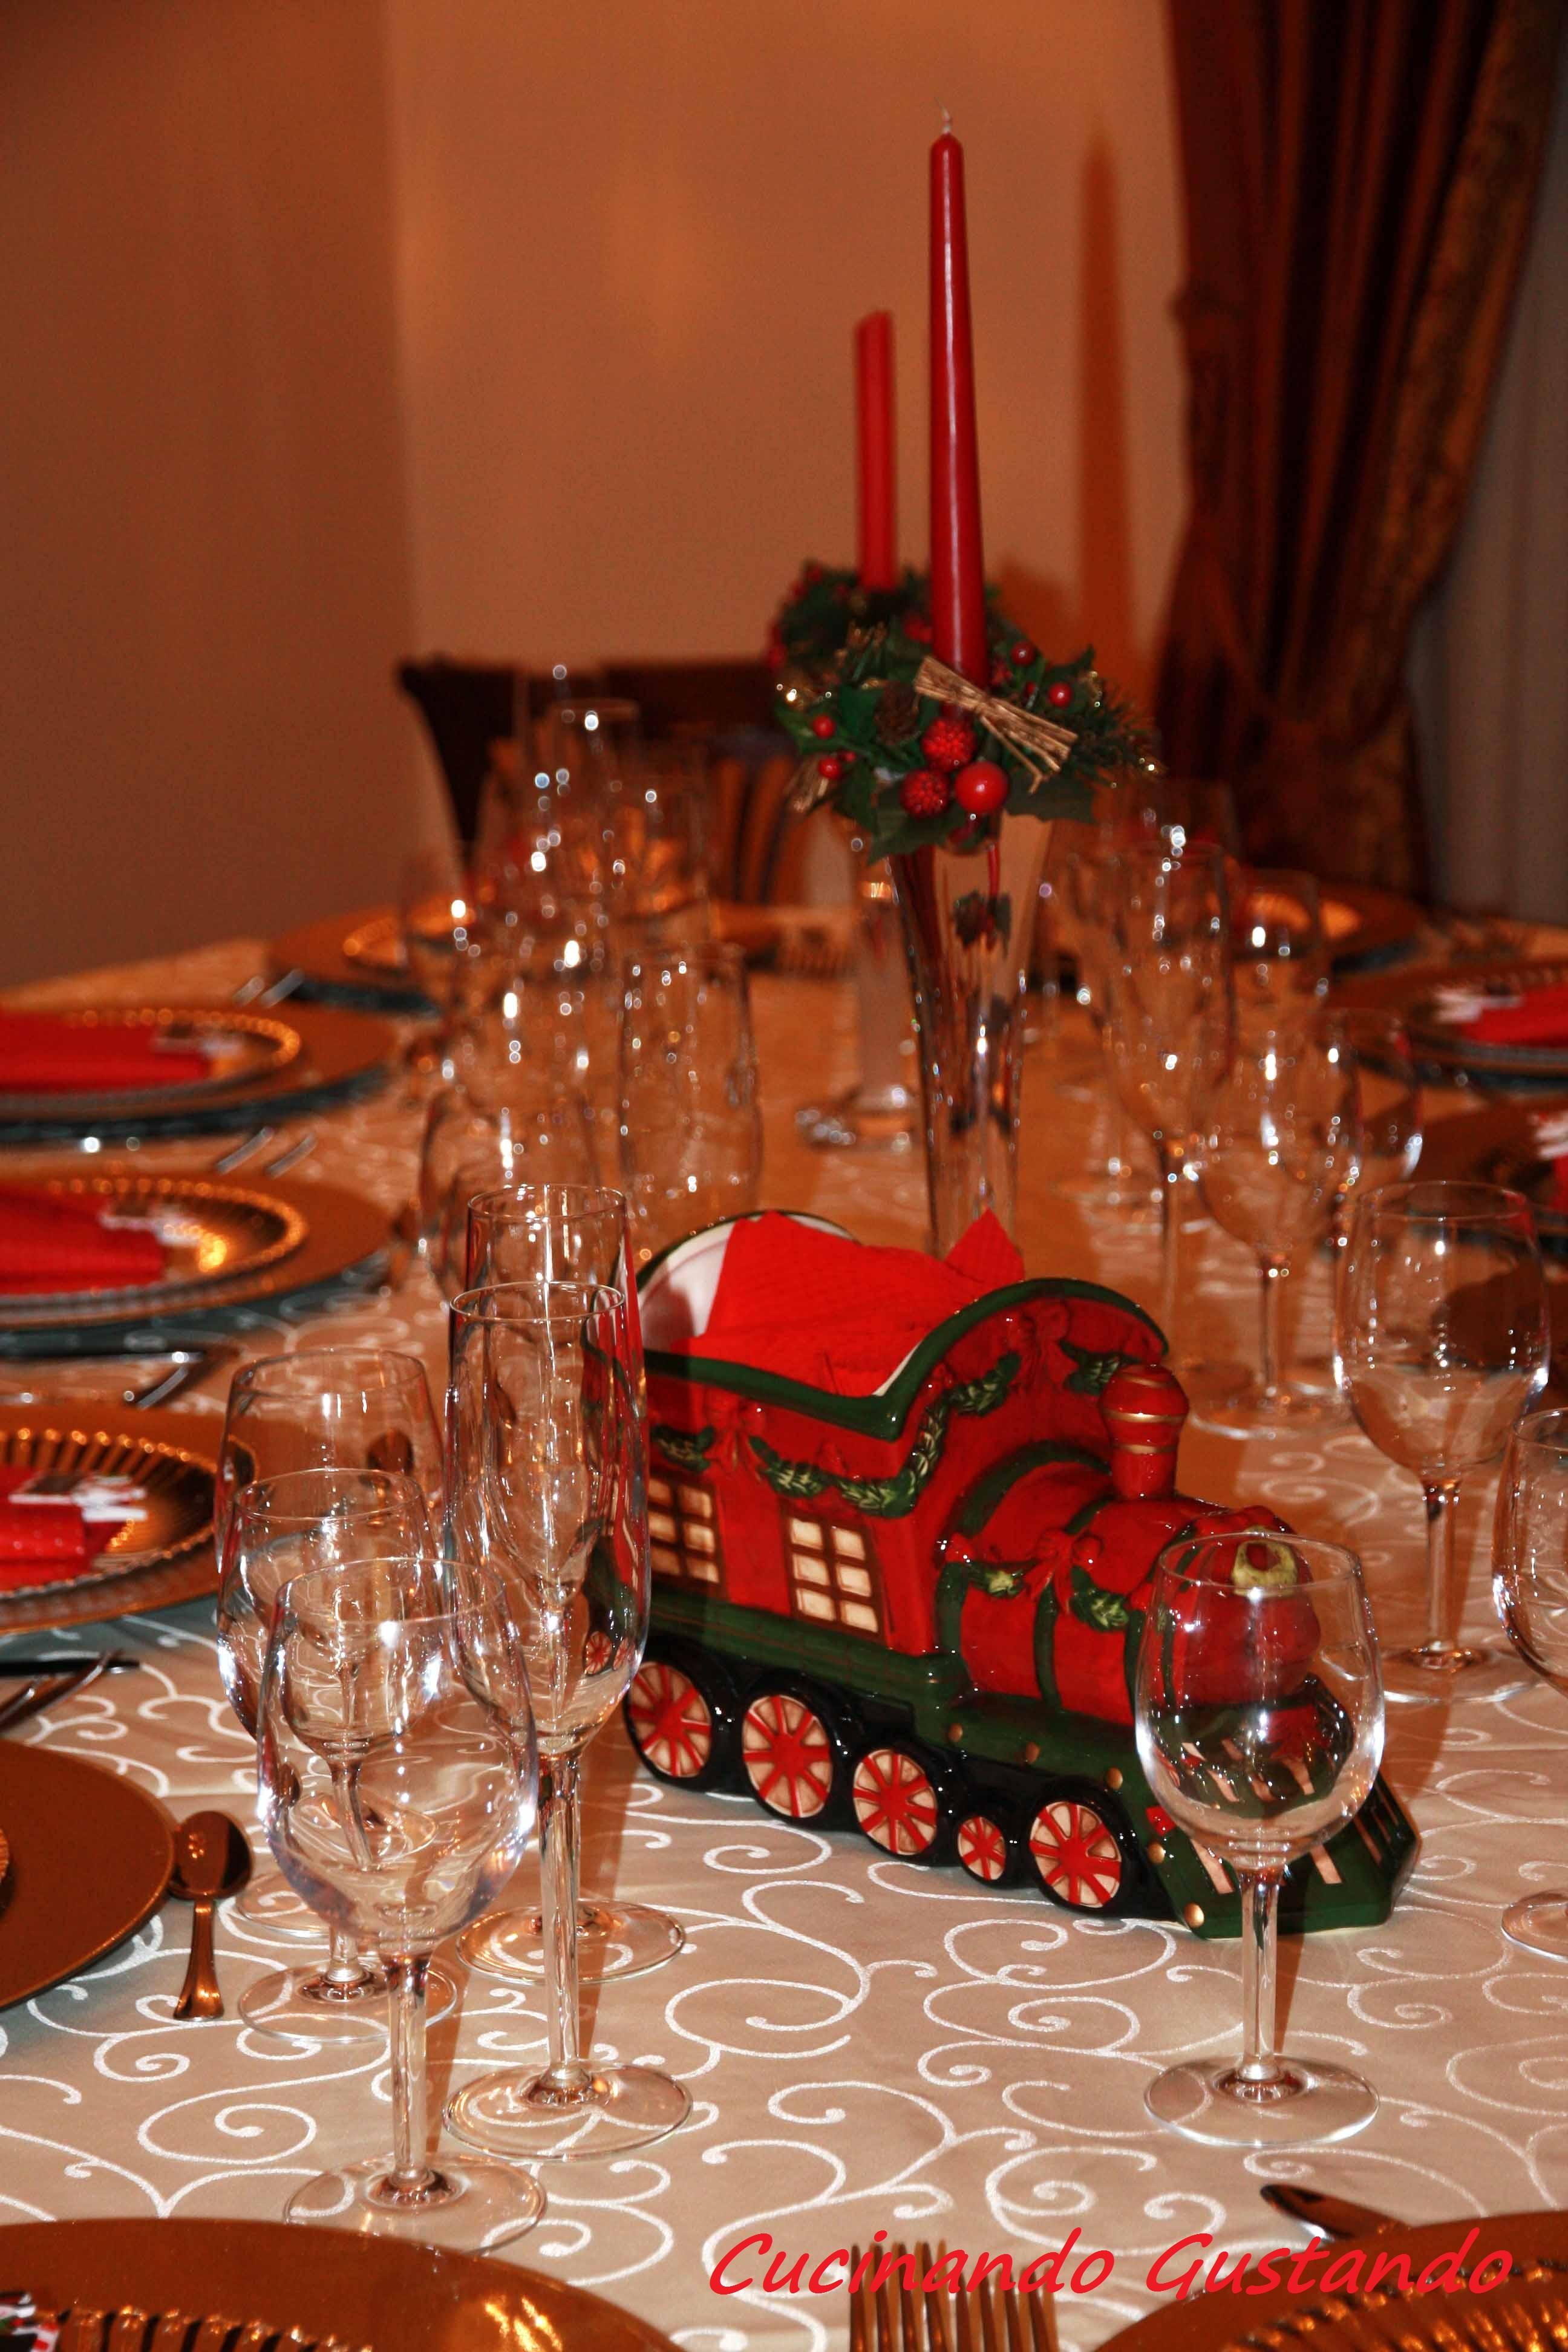 Come apparecchiare la tavola per natale - Apparecchiare la tavola di natale 2014 ...